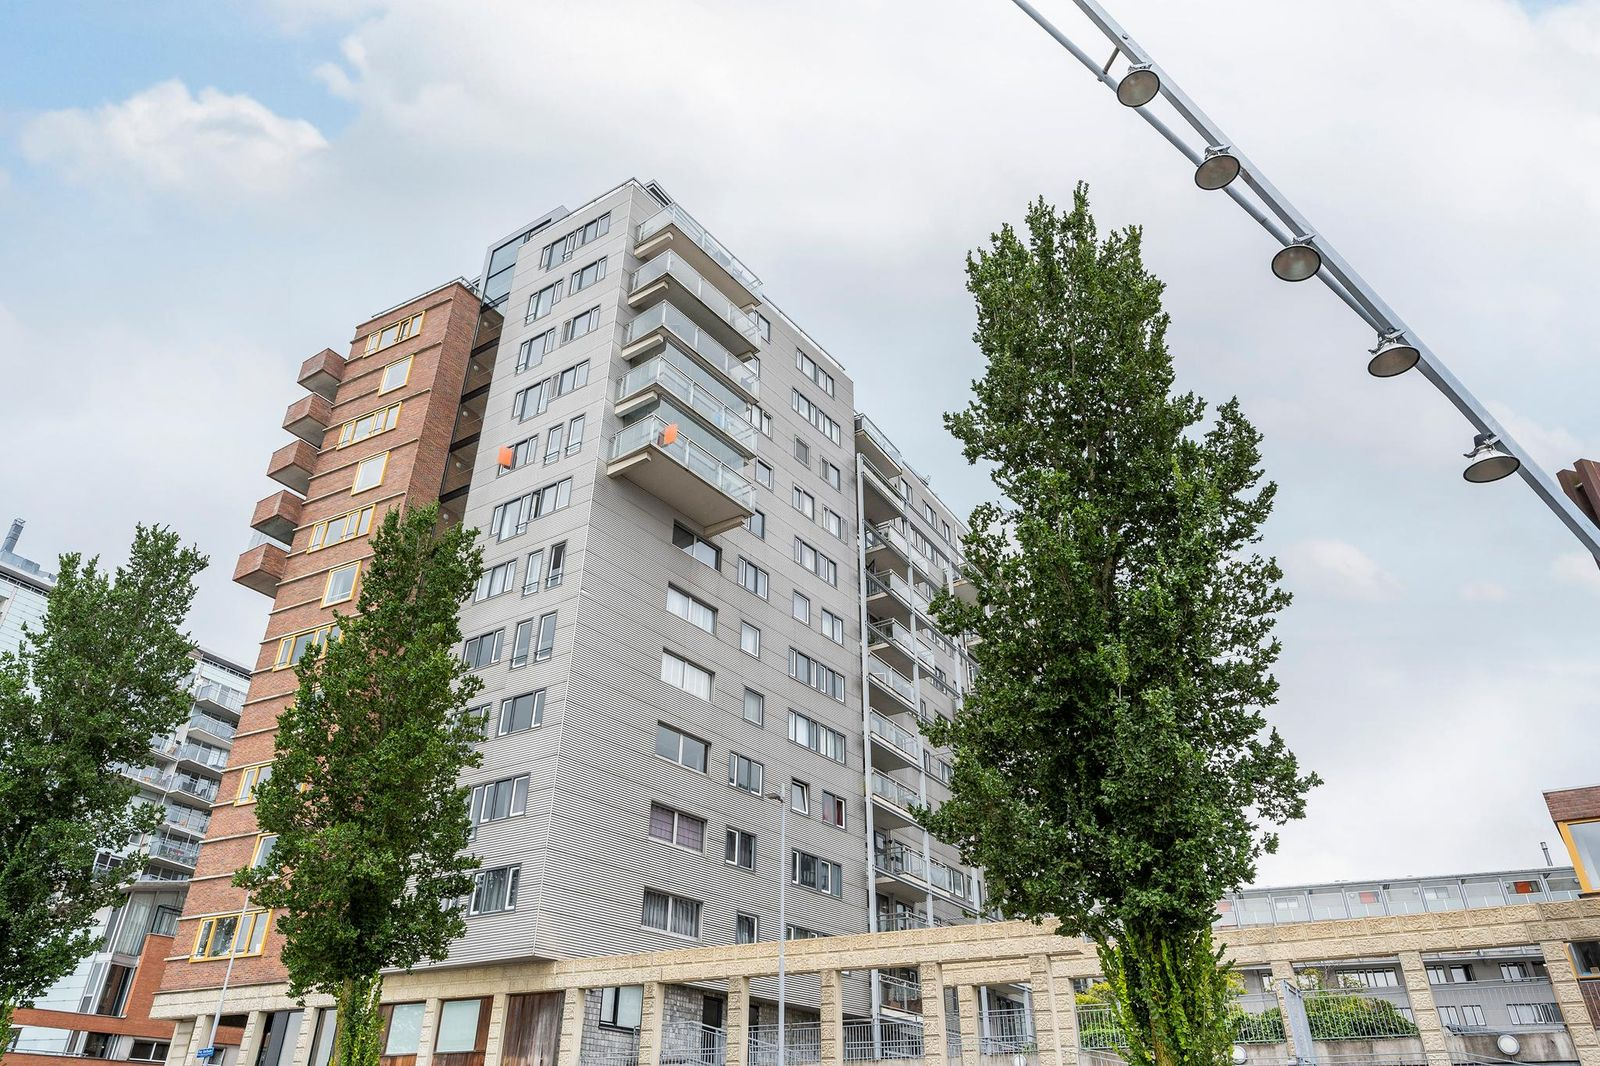 Piet Smitkade 446, Rotterdam